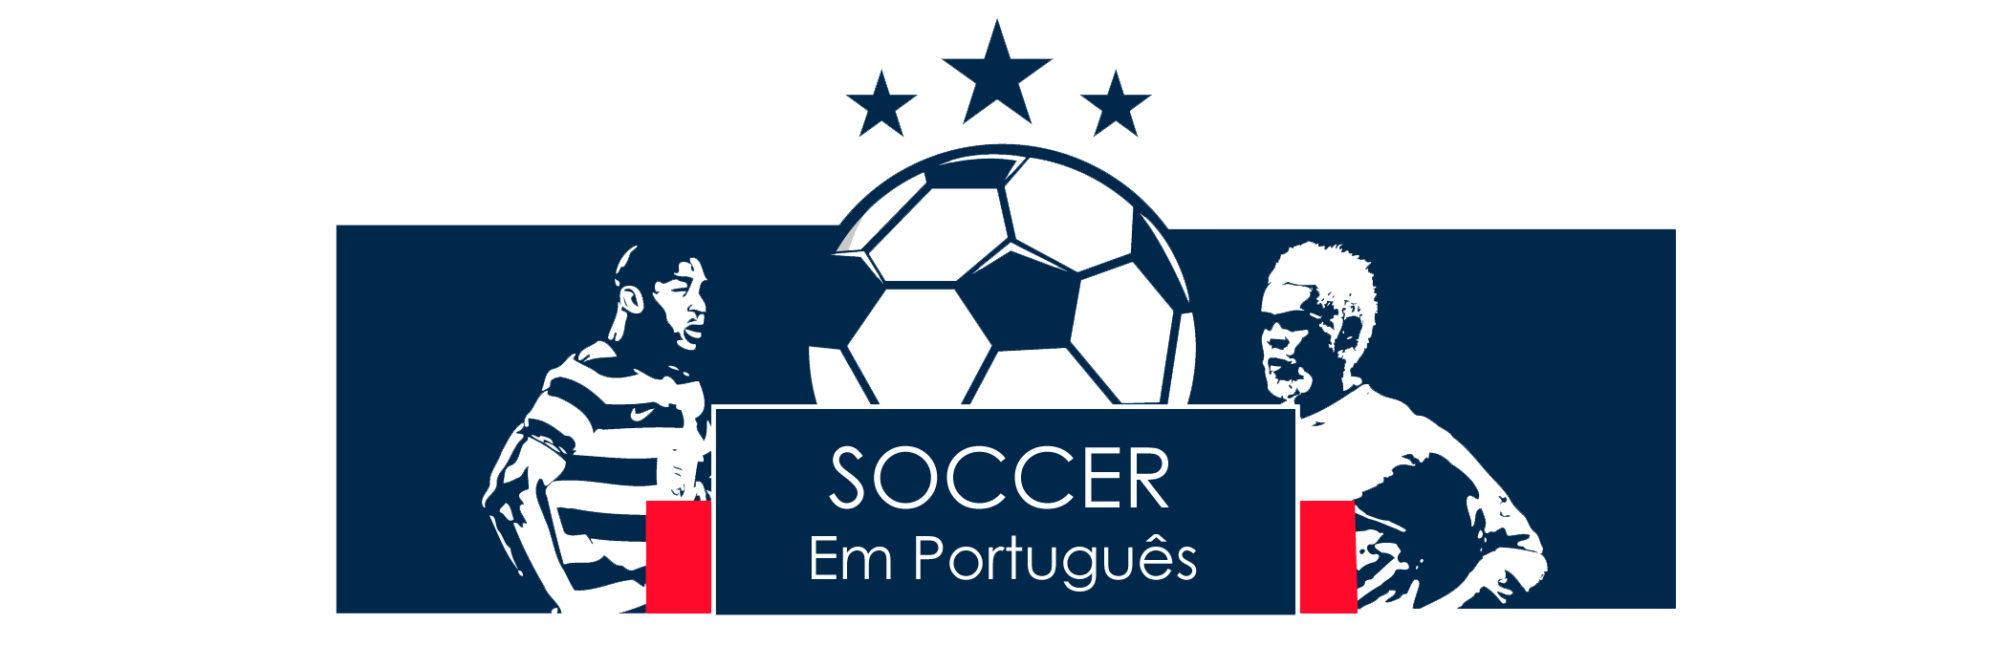 Soccer em Português